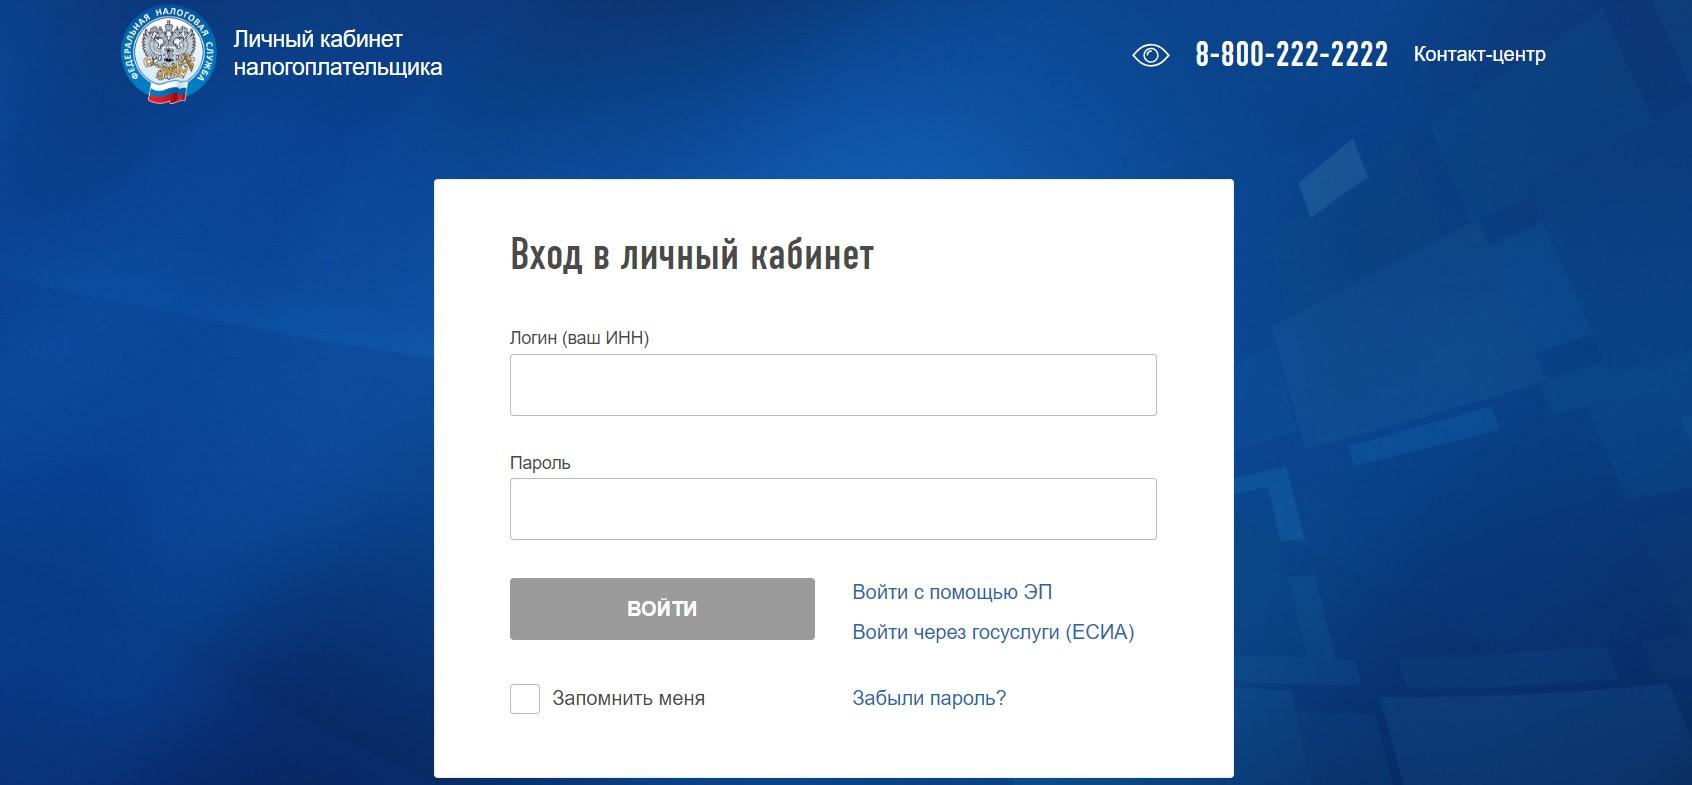 Как узнать задолженность по паспорту онлайн?